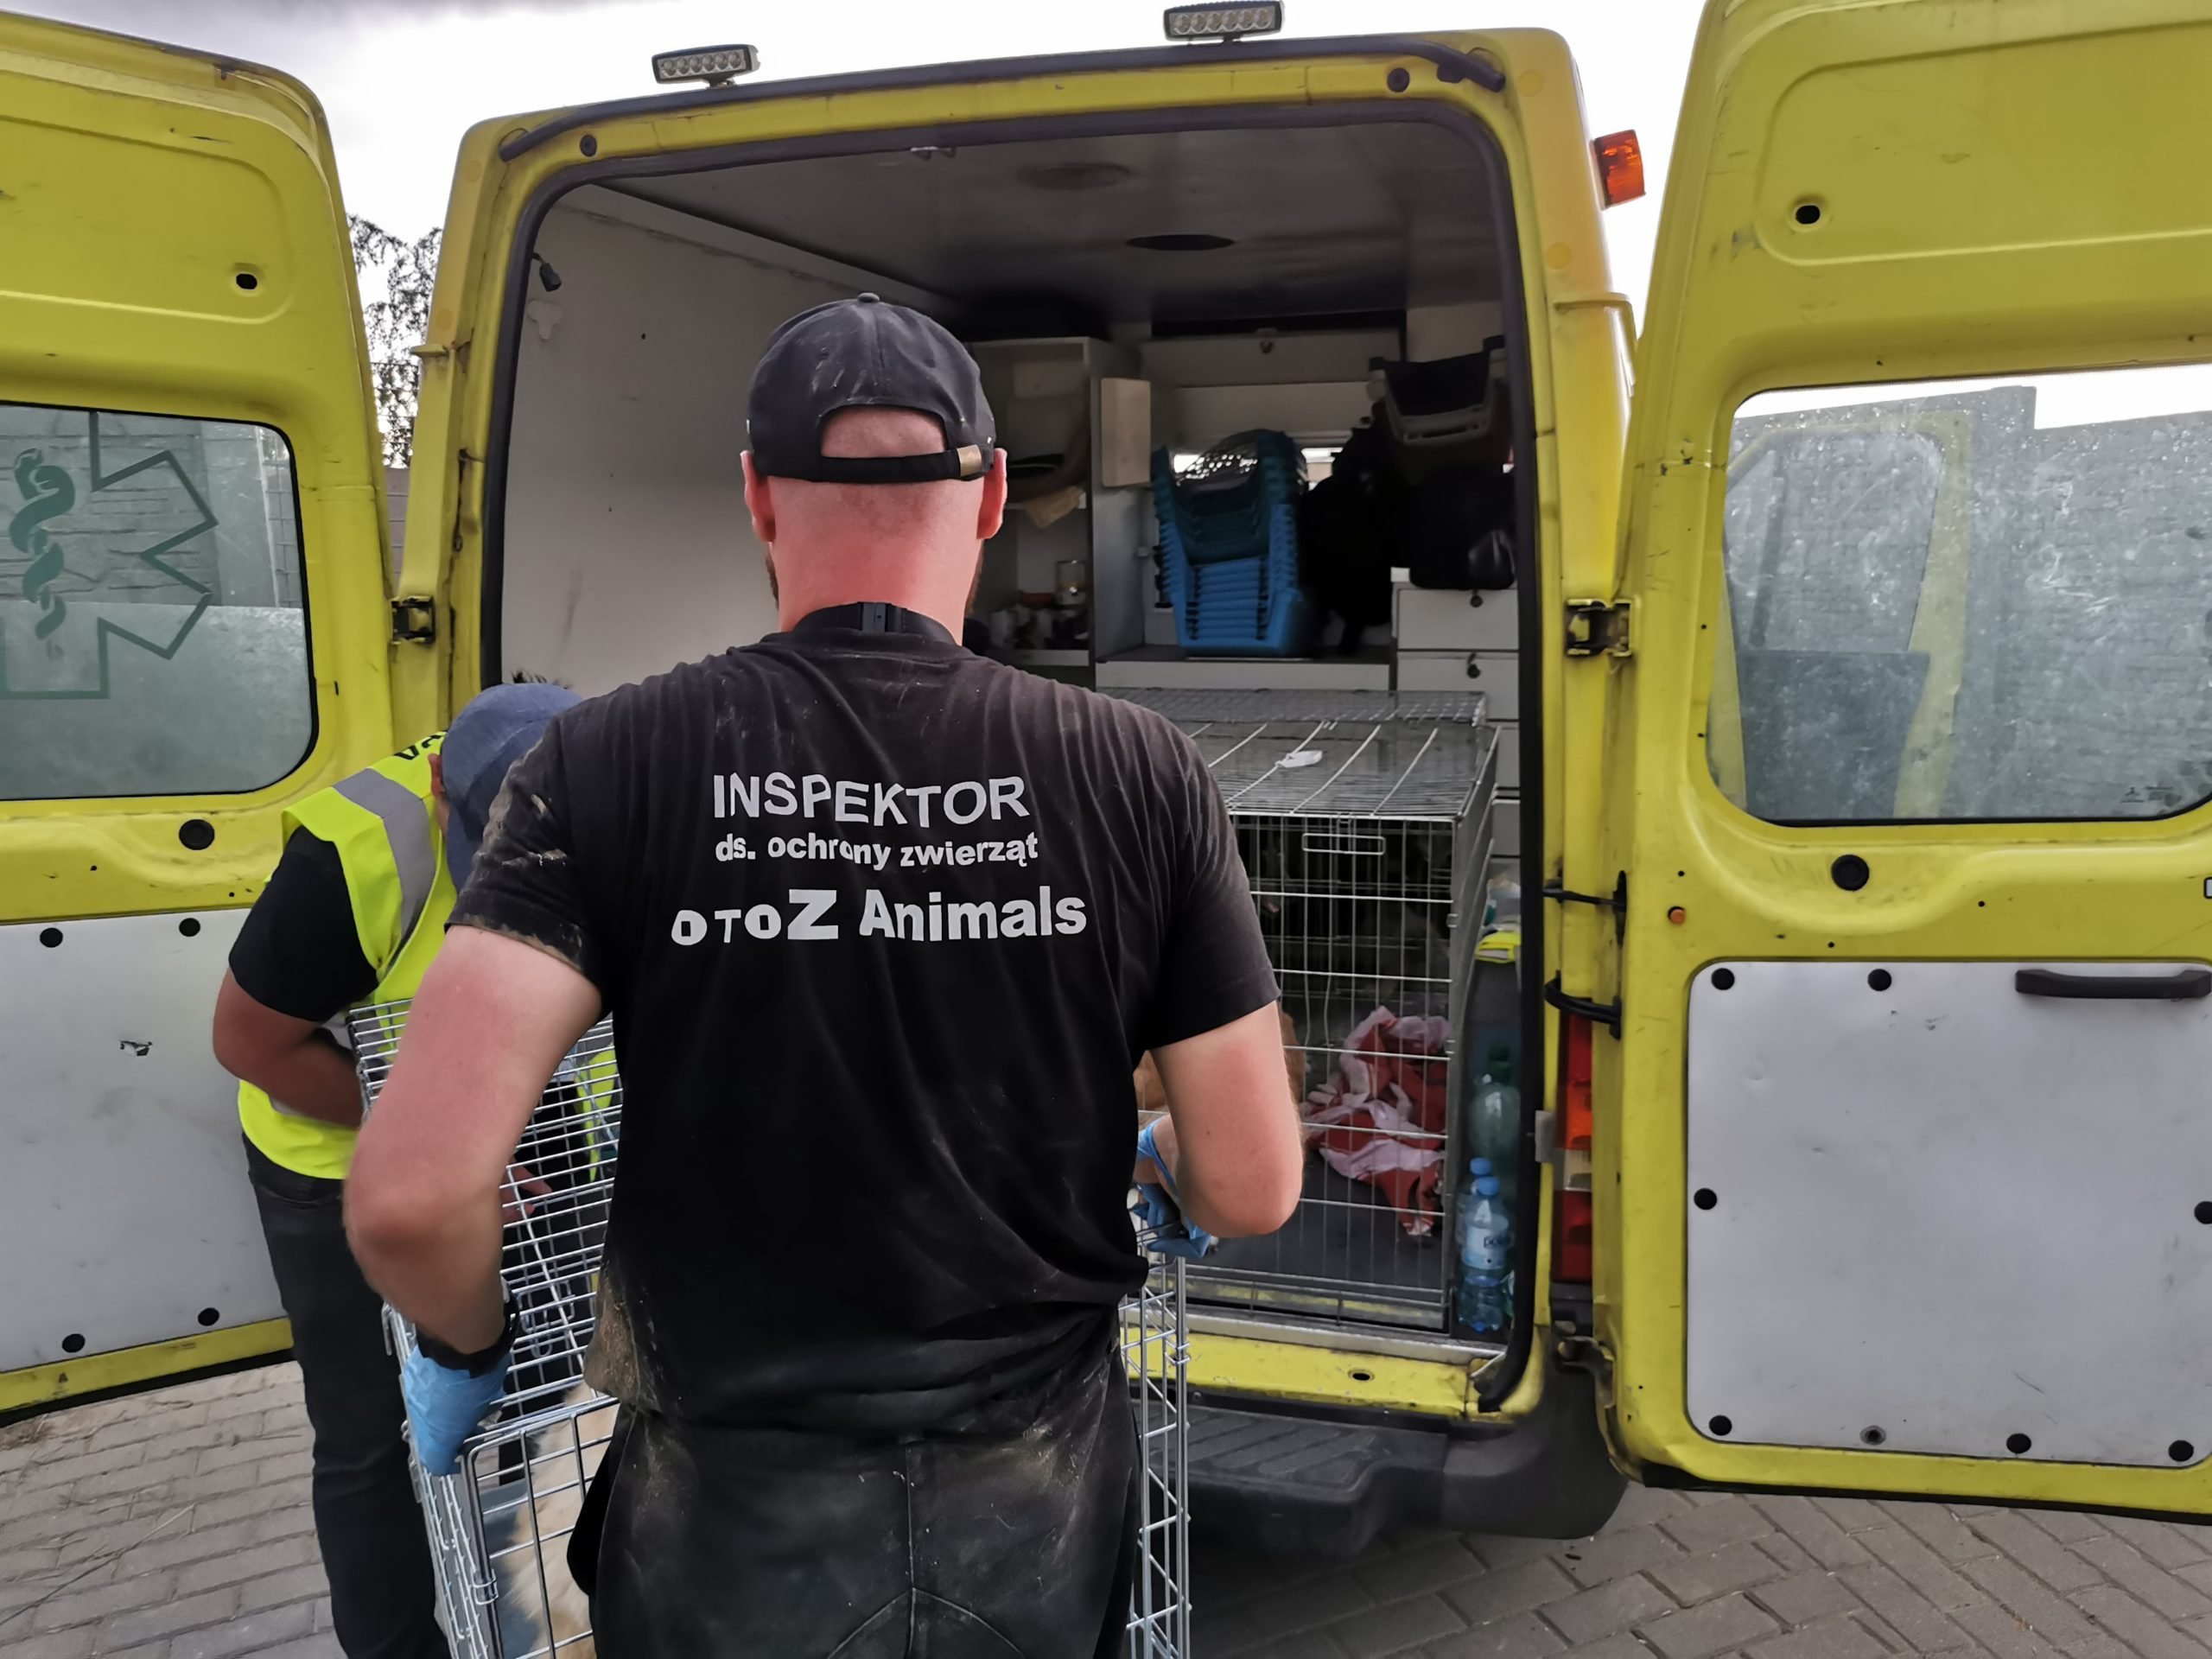 Inspektor Paweł Gebert niosący klatkę z psem w kierunku samochodu podczas interwencji w Radysach